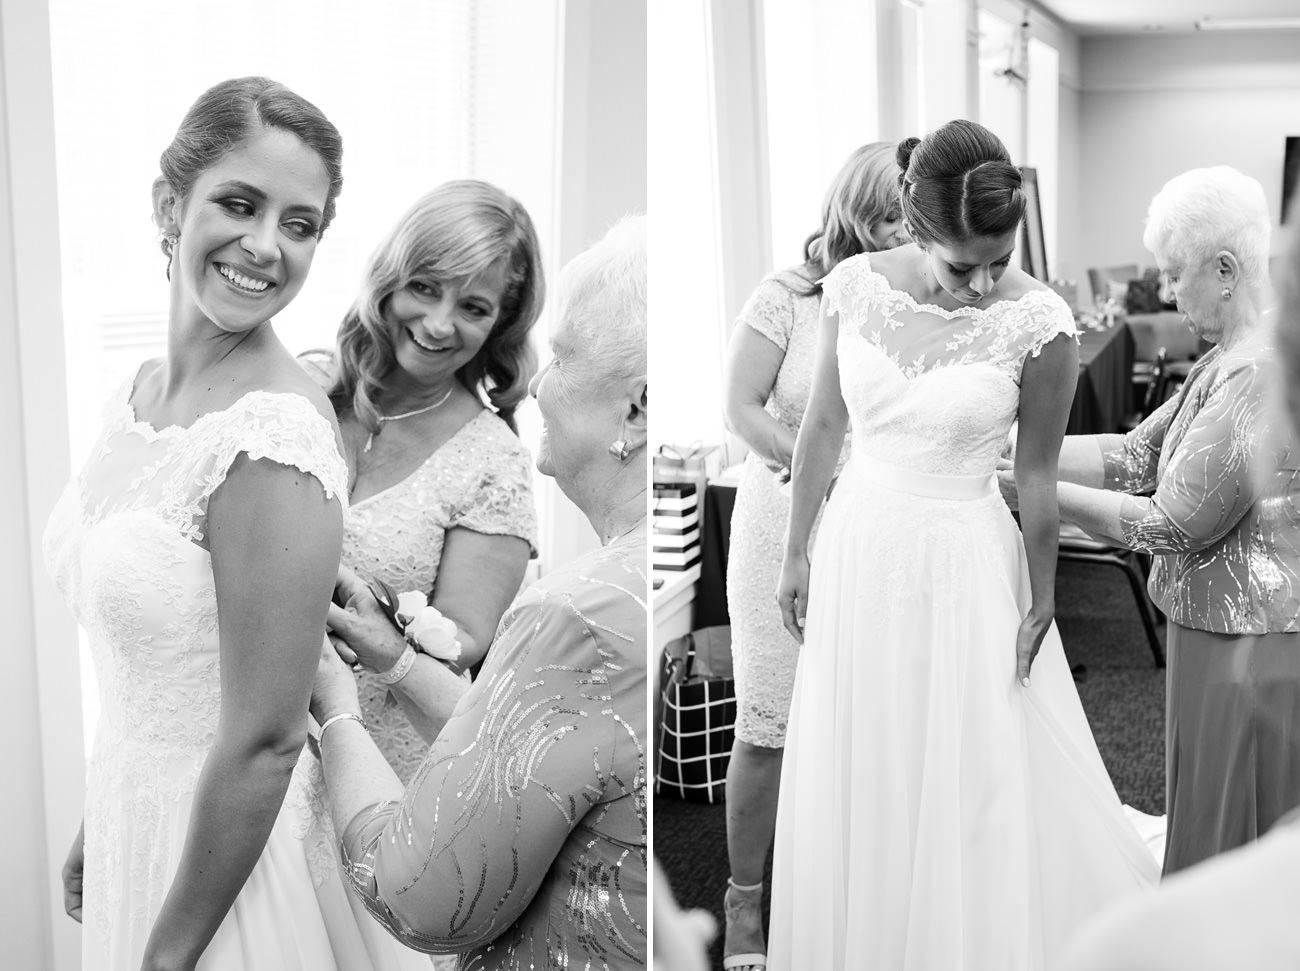 st-marys-catholic-wedding-76 St Marys Catholic Wedding   Eugene Oregon Photographer   Ariana & Chavo